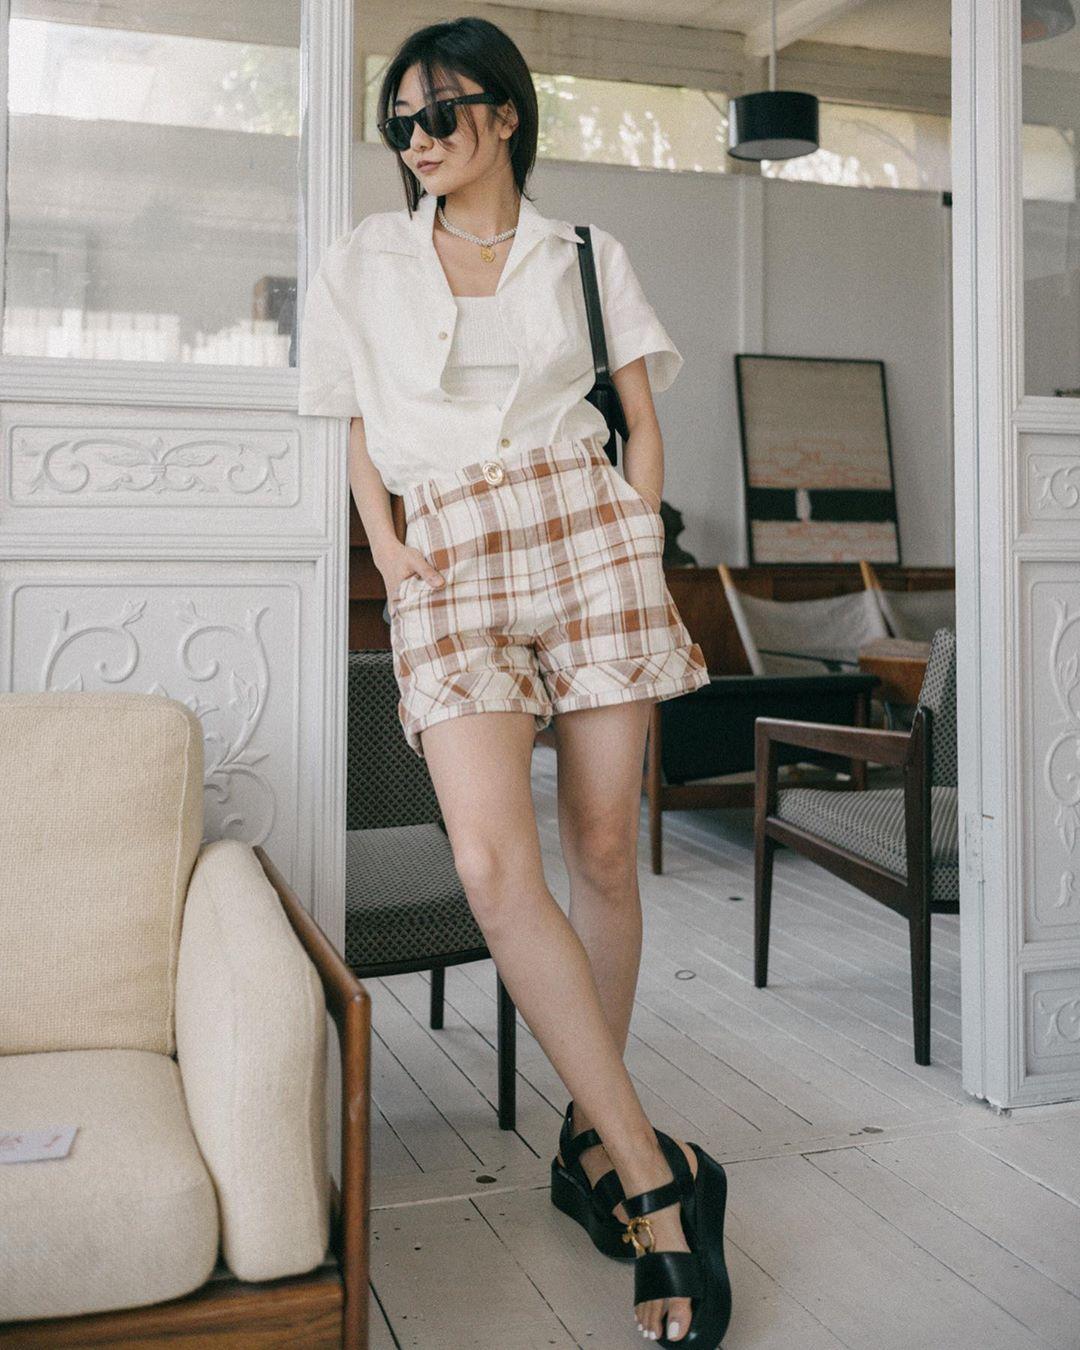 savislook mang giày sandal nữ đế thô và shorts ống rộng